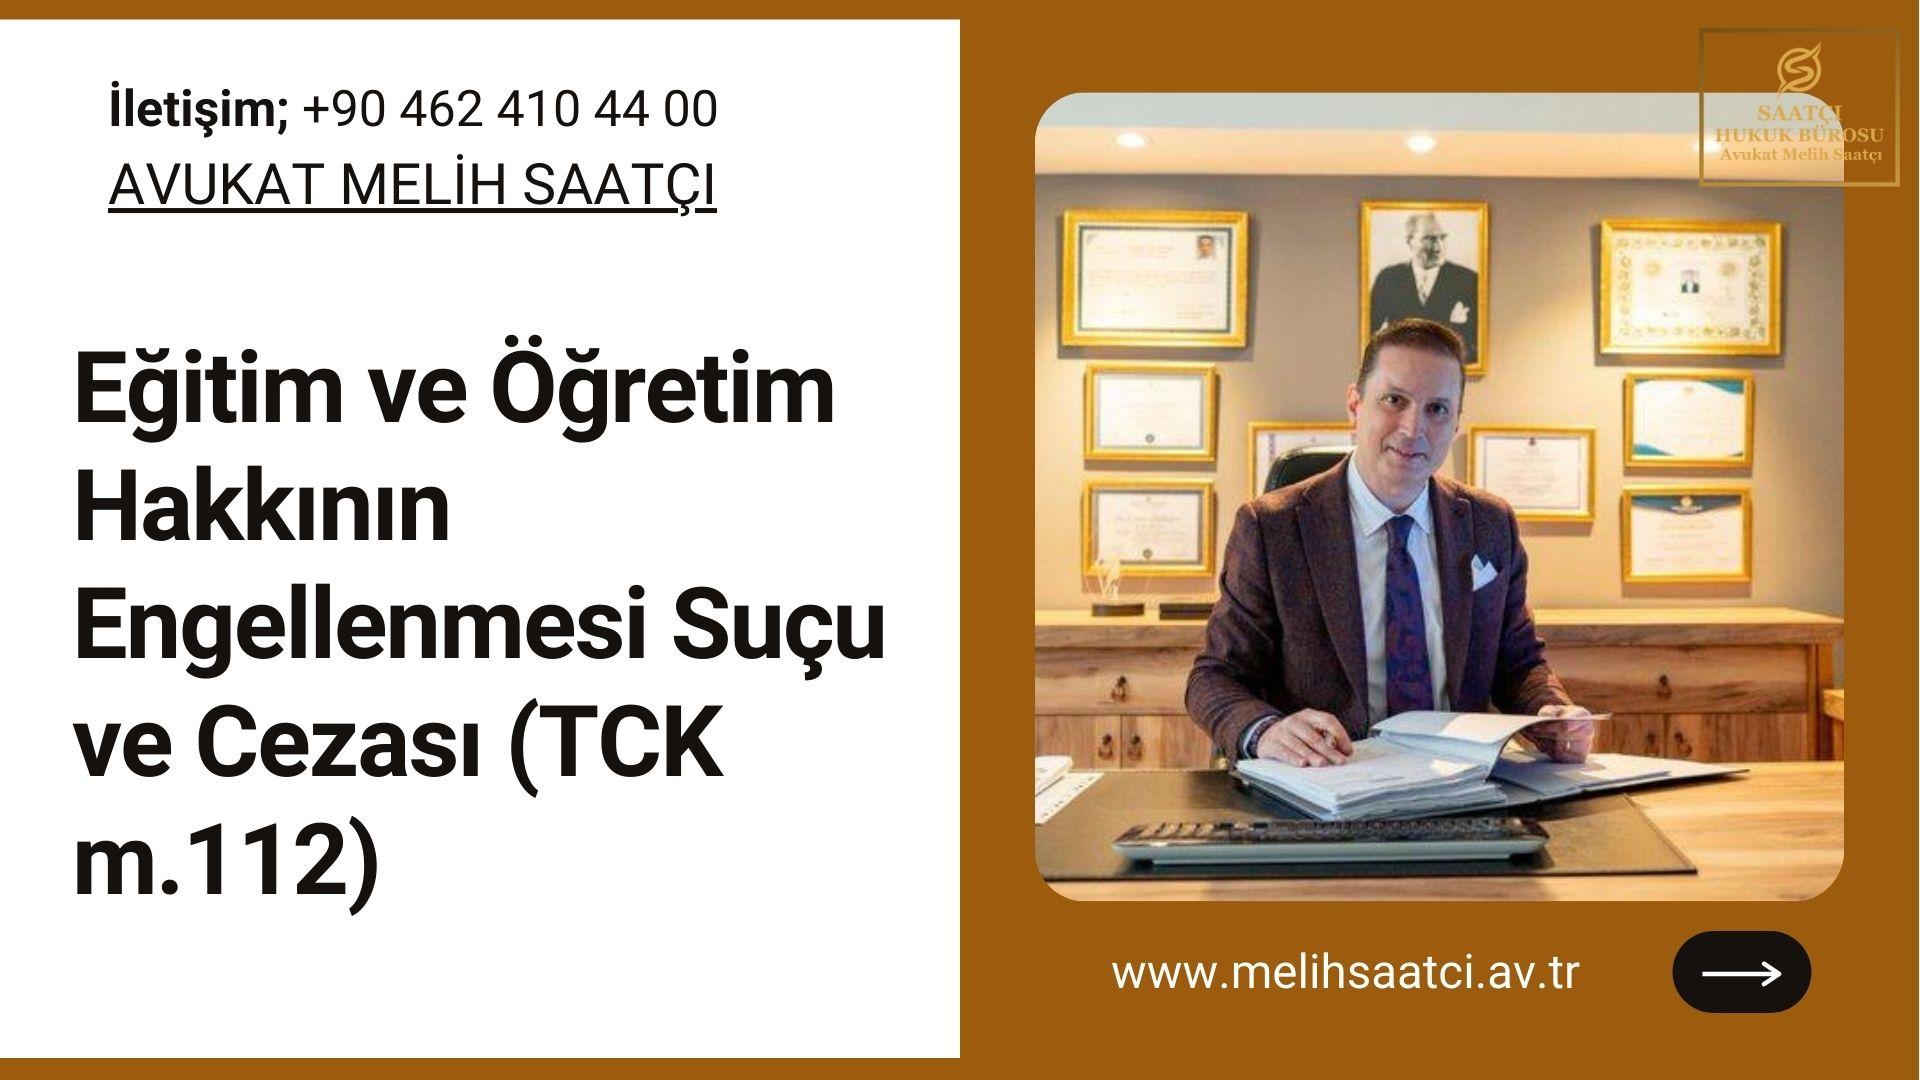 Eğitim ve Öğretim Hakkının Engellenmesi Suçu ve Cezası (TCK m.112)